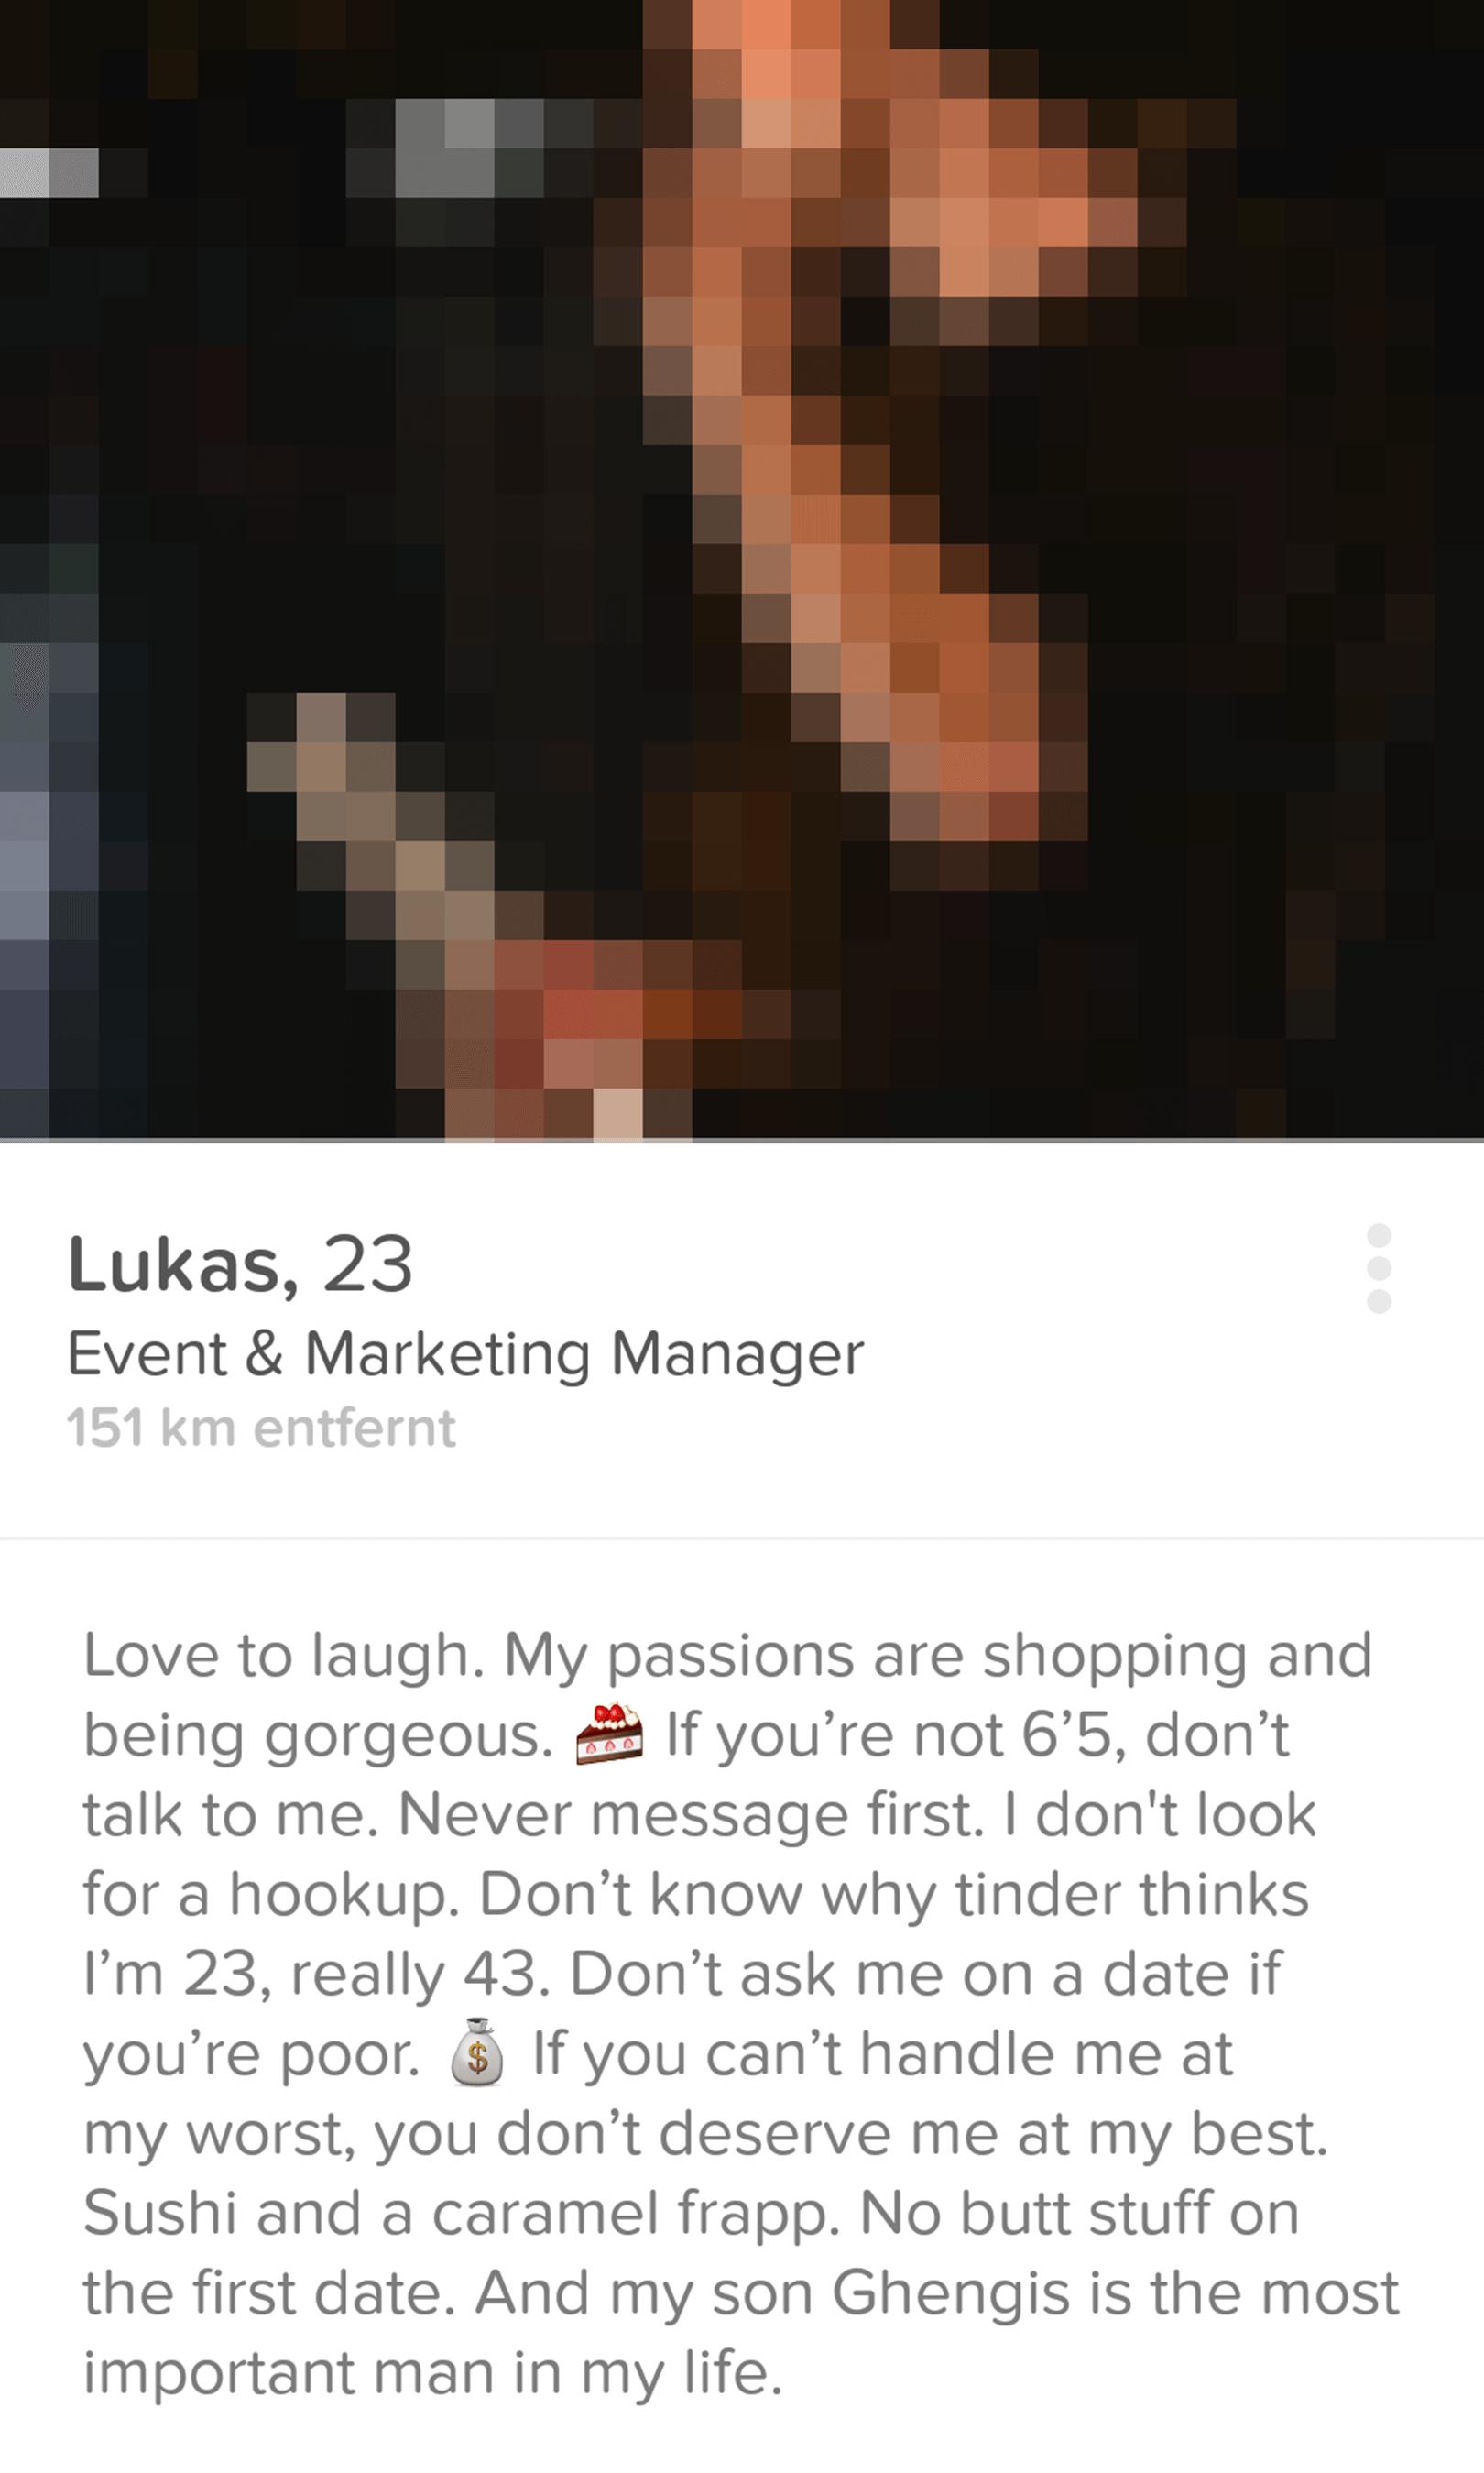 Tinder Profilbeschreibung ironisch